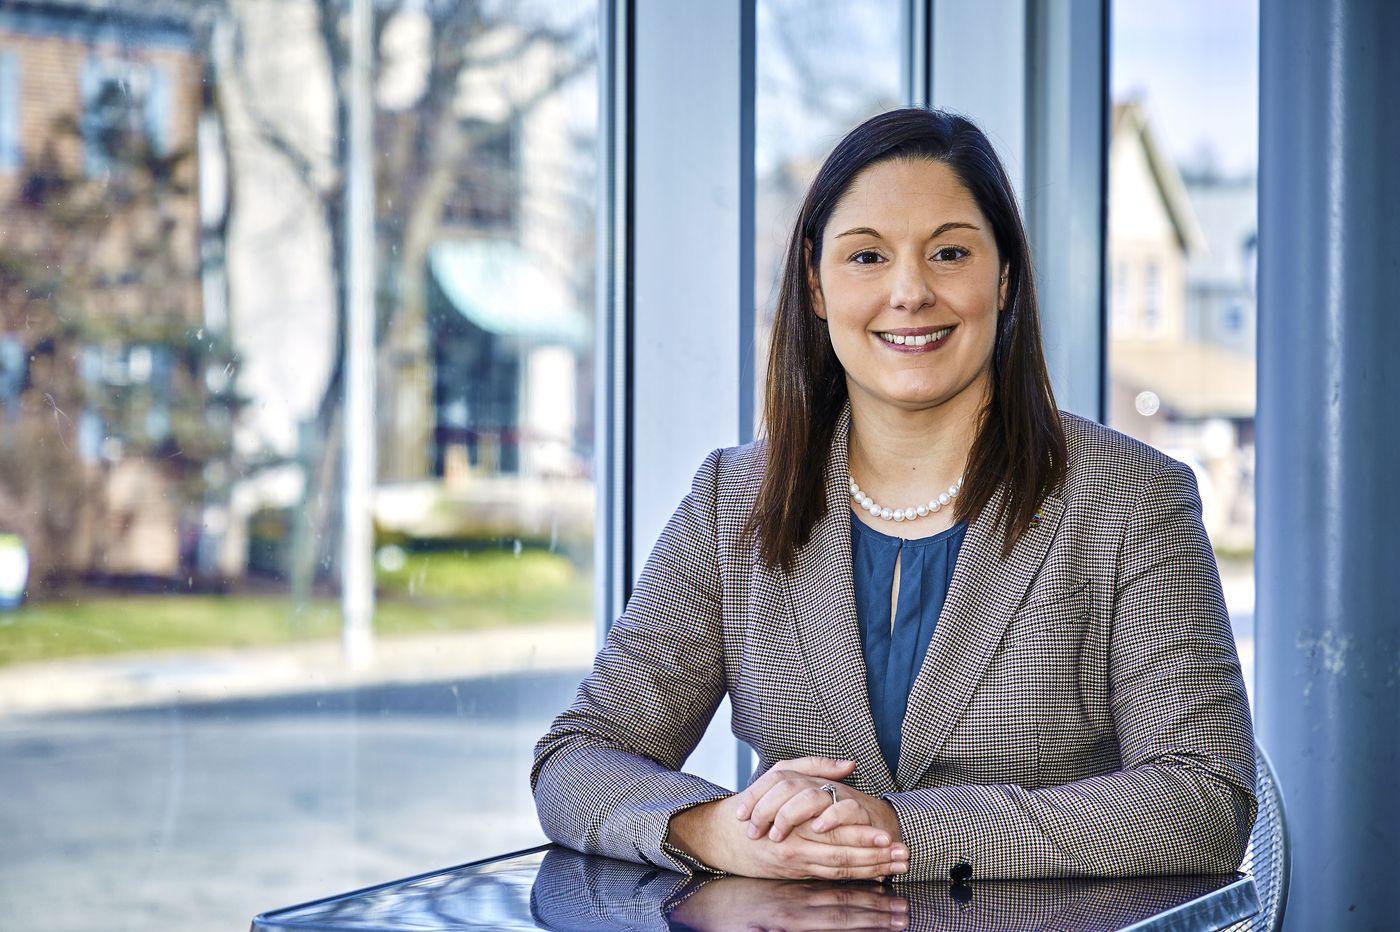 Amanda Cappelletti Defeats incumbent Daylin Leach, Wins State Senate Democratic Primary